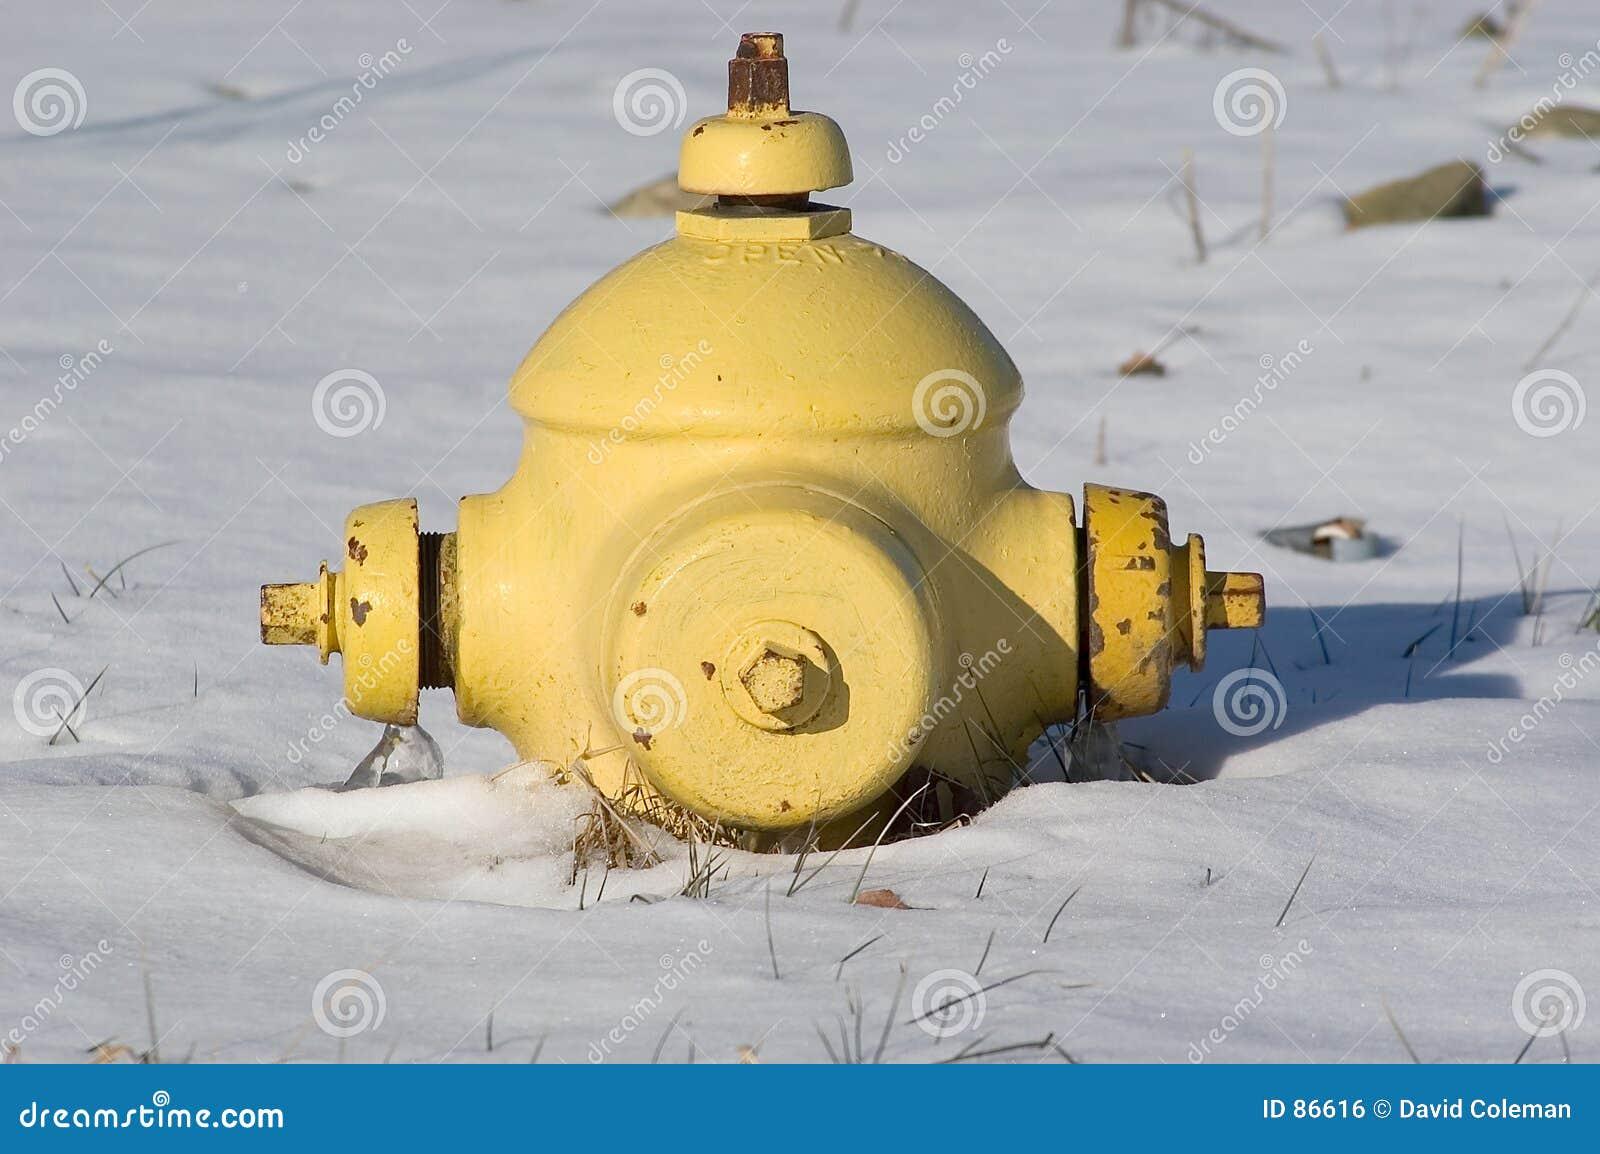 Boca de incendio corta en nieve